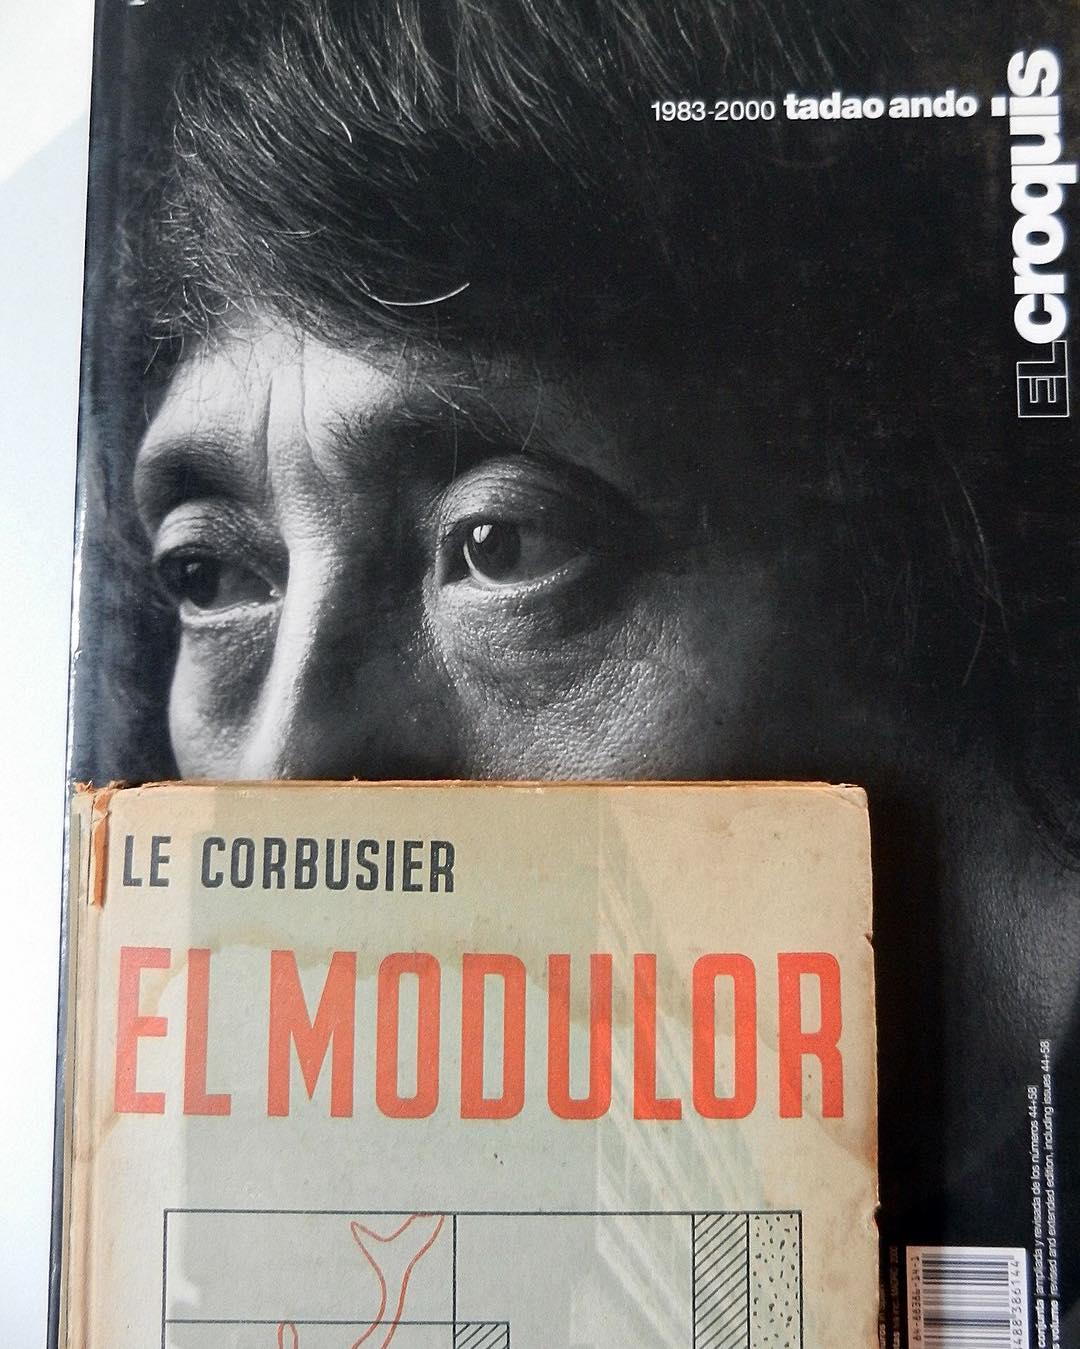 #Libros #inspiración #Pitimini #tadaoando @tadao.ando @el_croquis  #lecorbusier #elmodulor #arquitectura #design #diseño